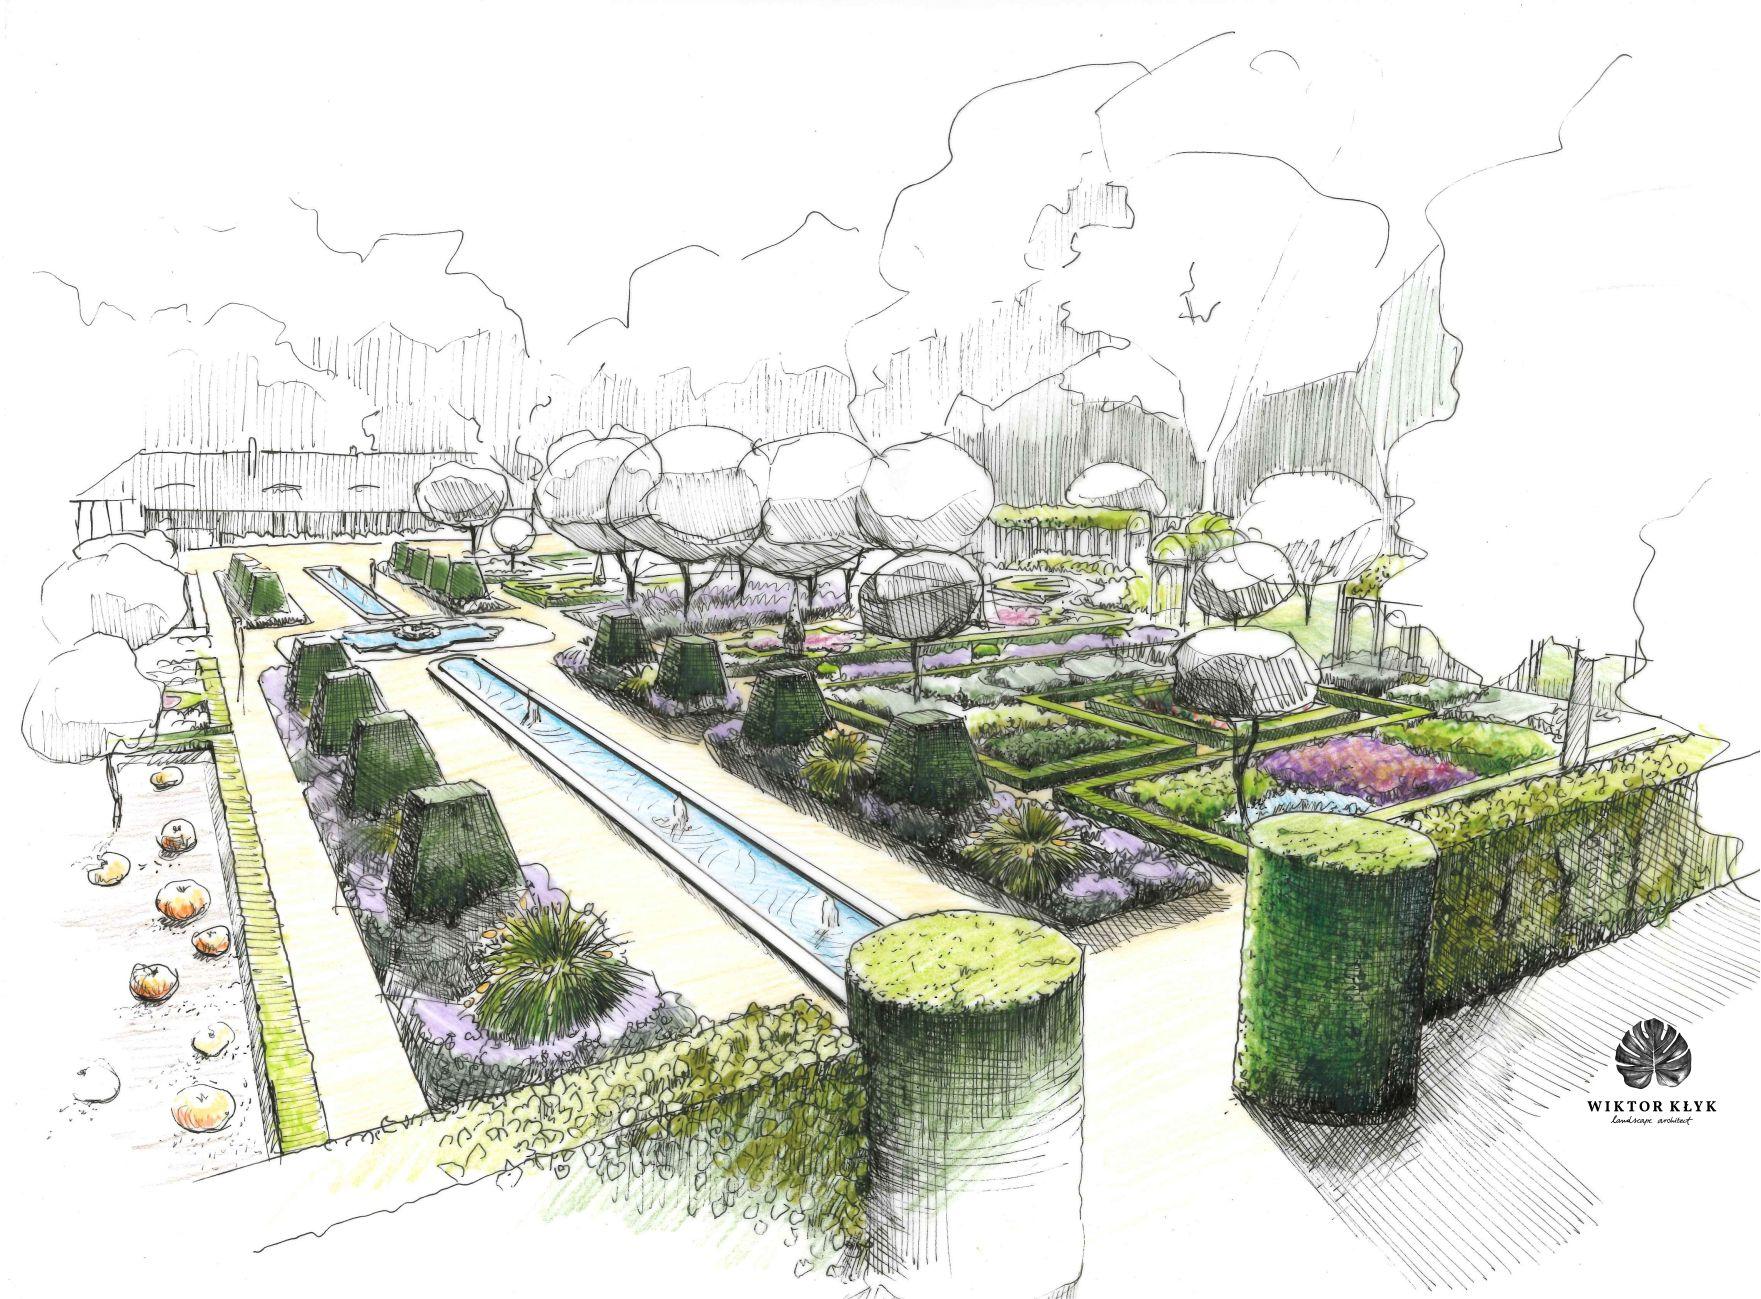 #gardens #garden design #landscape